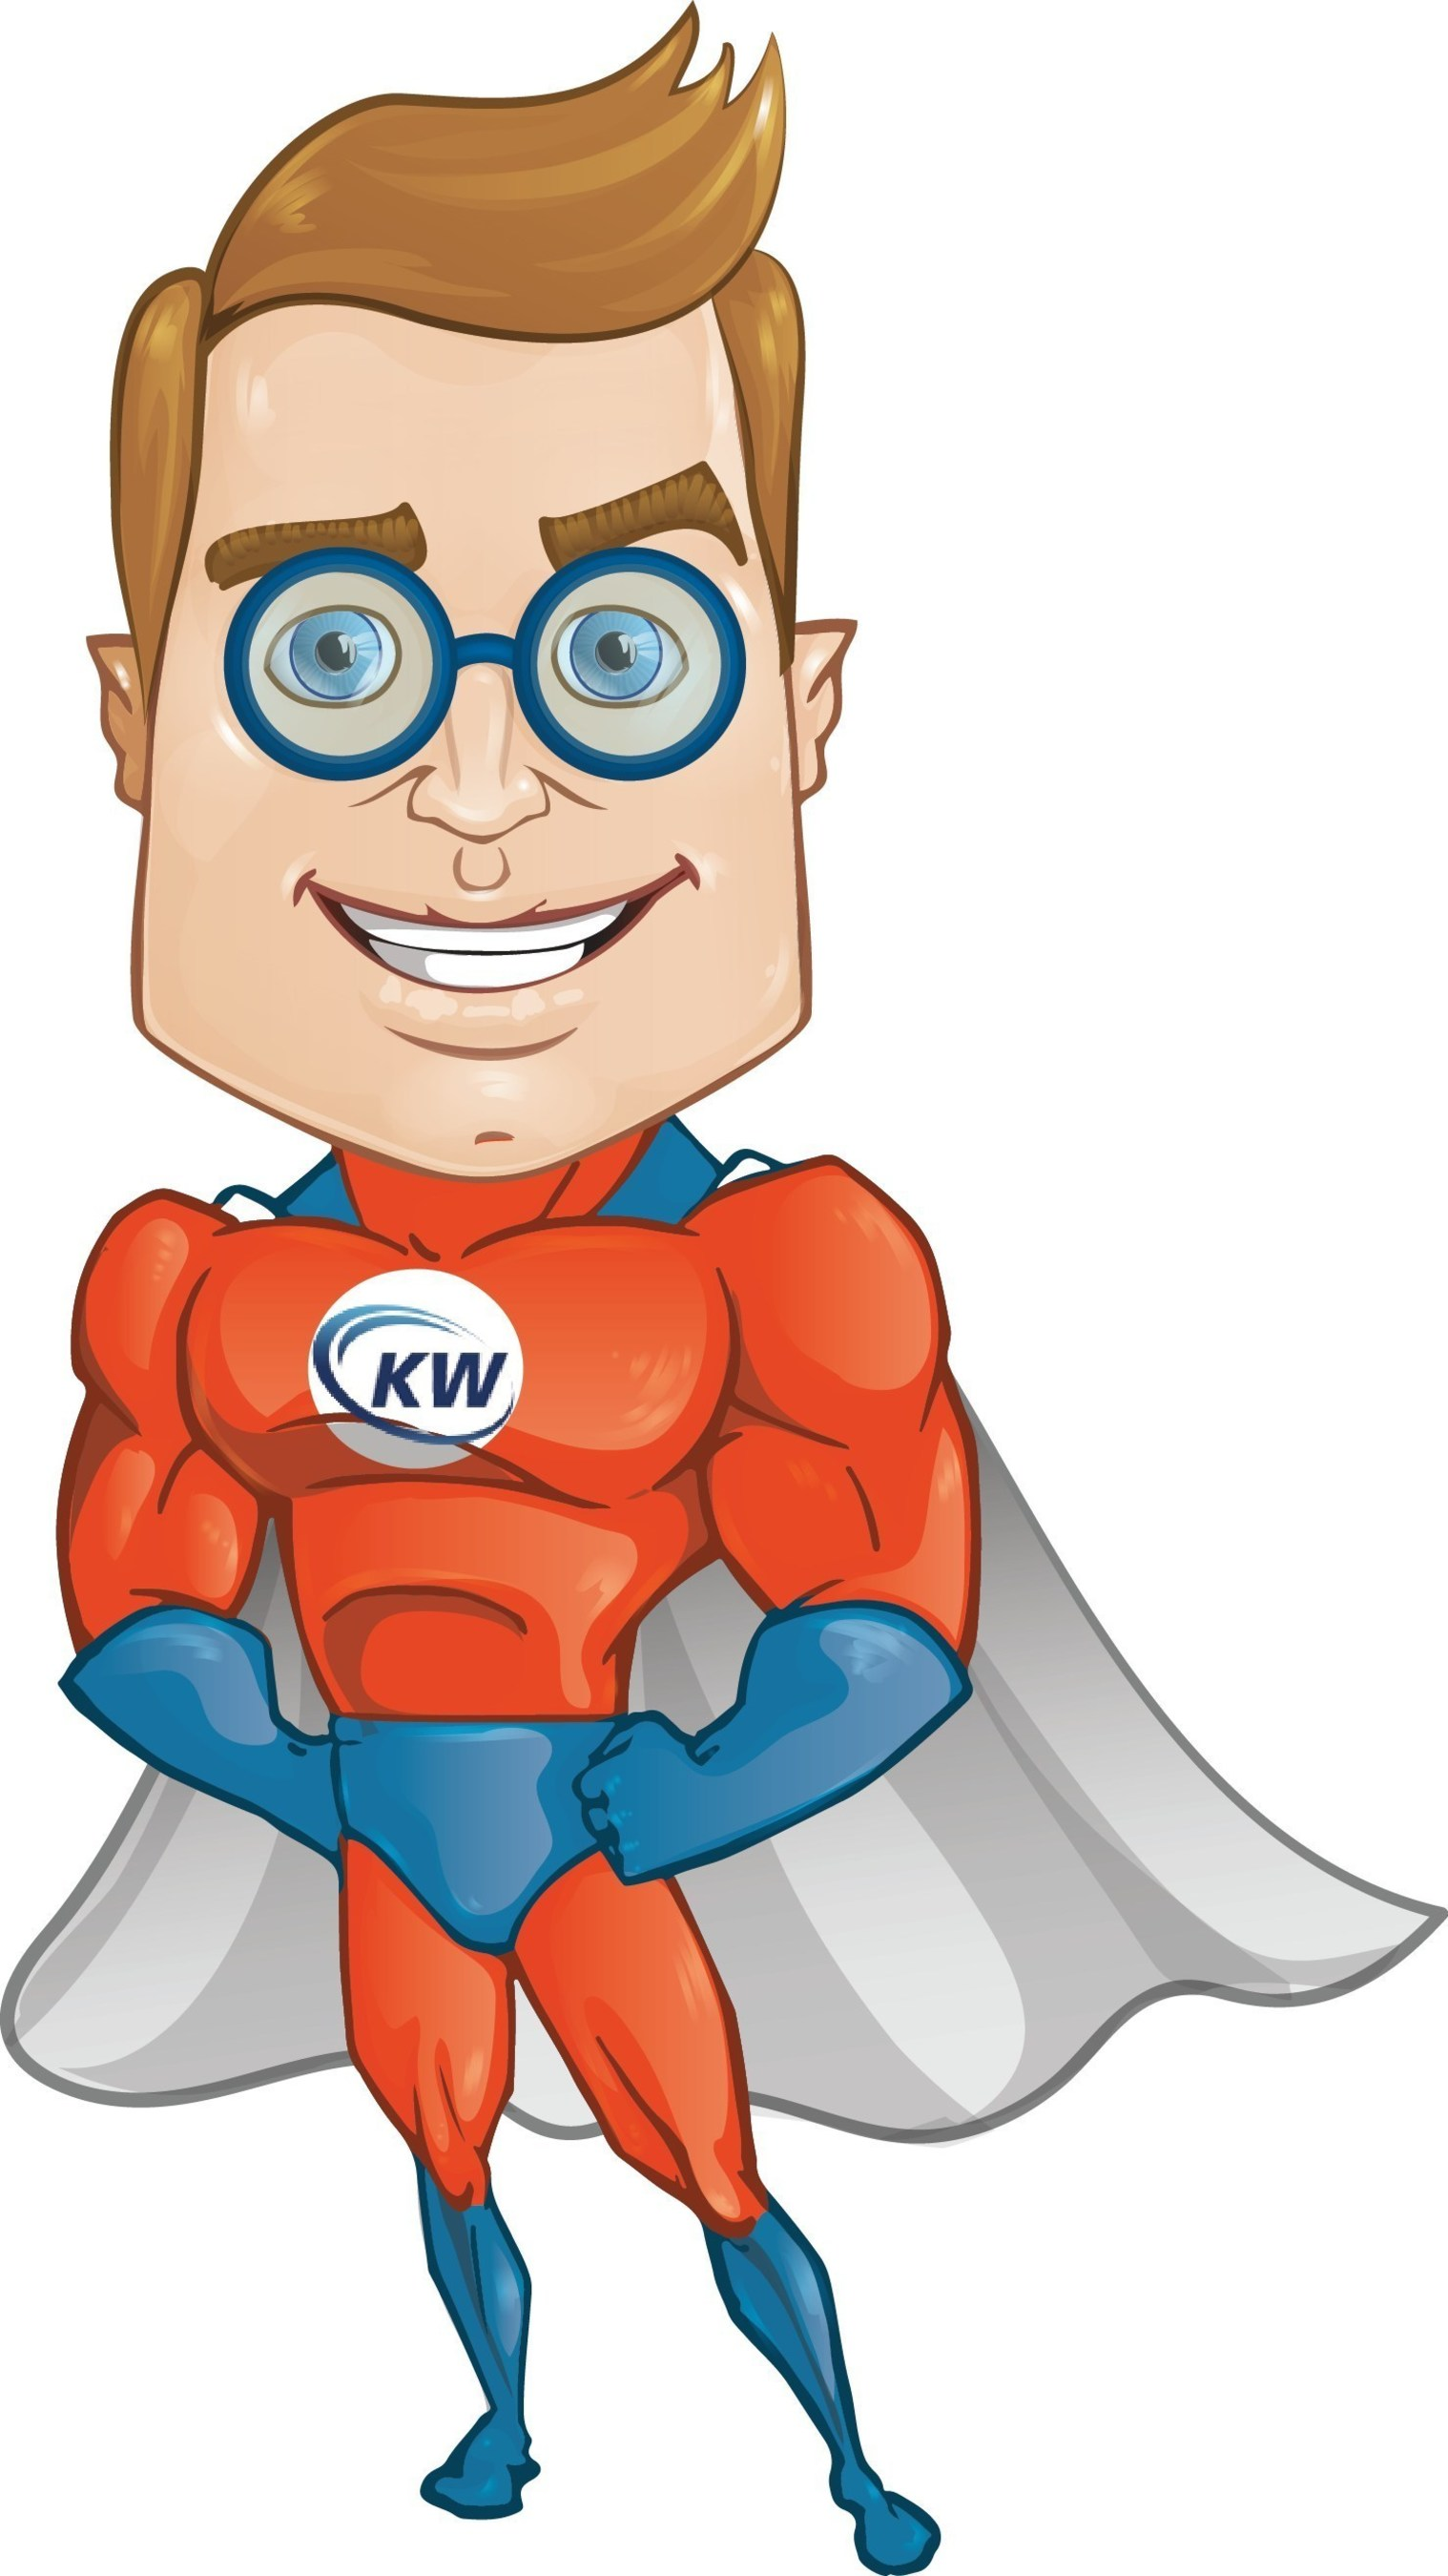 KWizCom Announces v.13.3.50 Release for KWizCom Forms